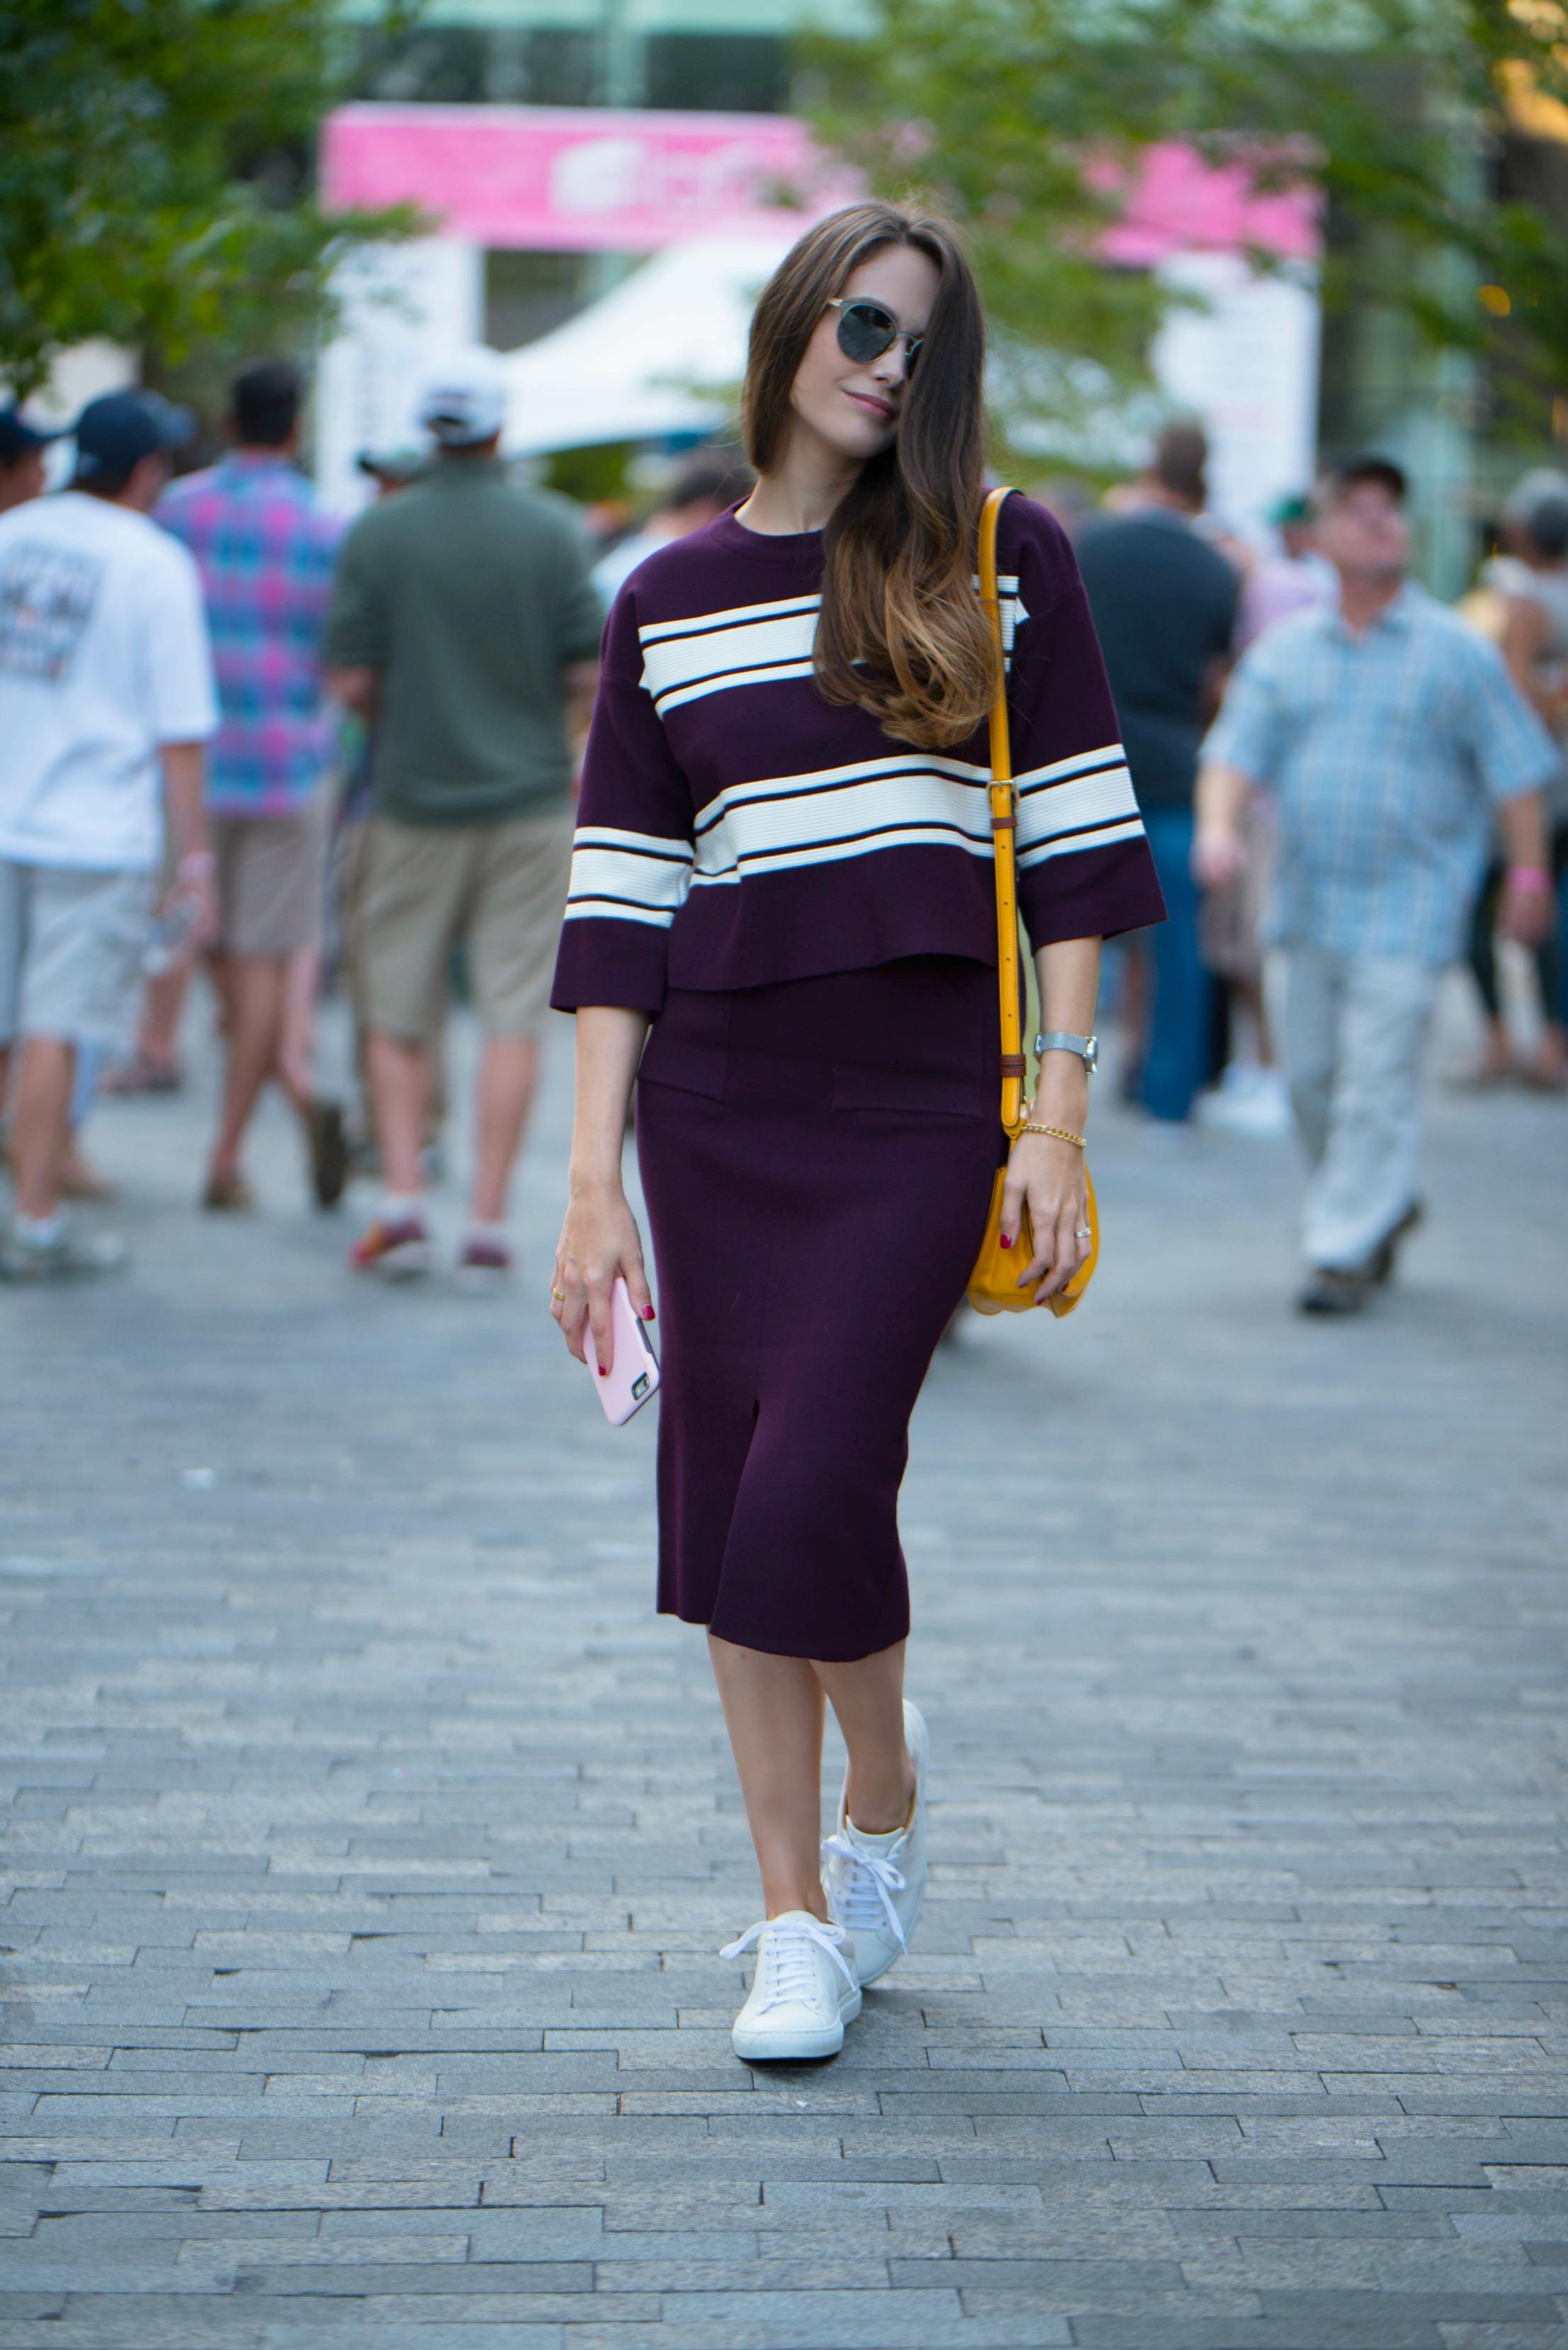 Trendy Fashion Blog | Vipme.com